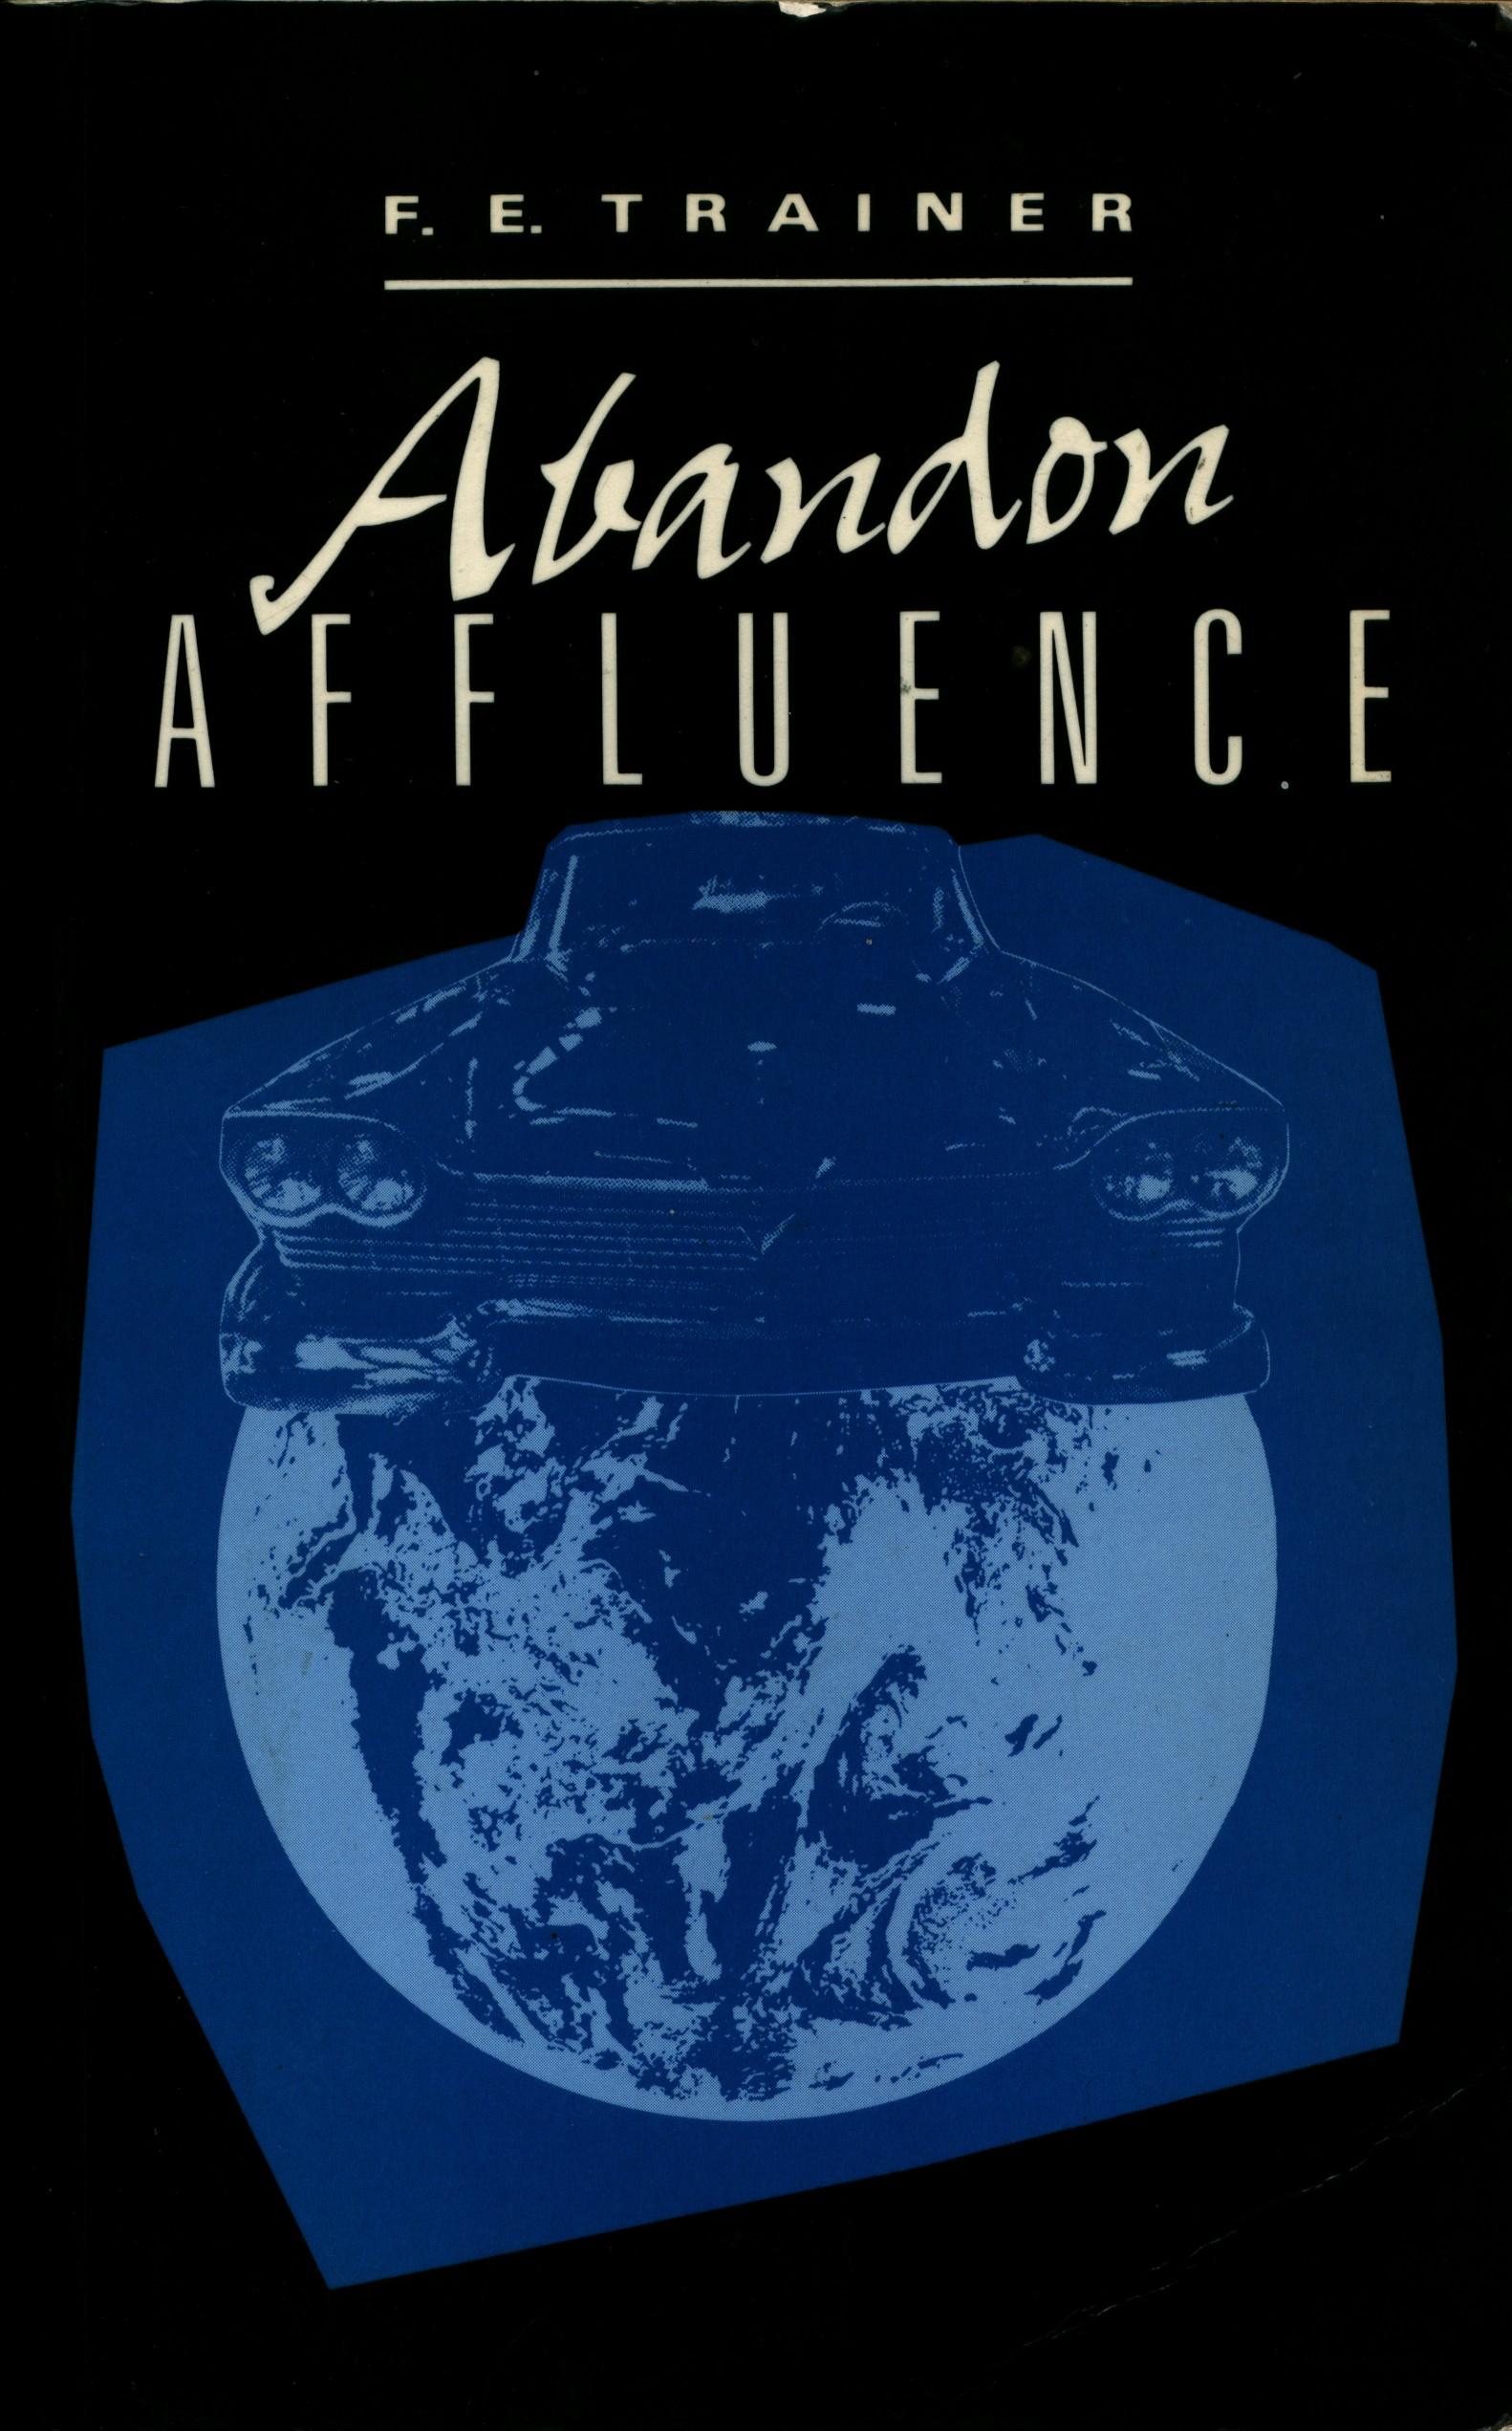 Abandon affluence!